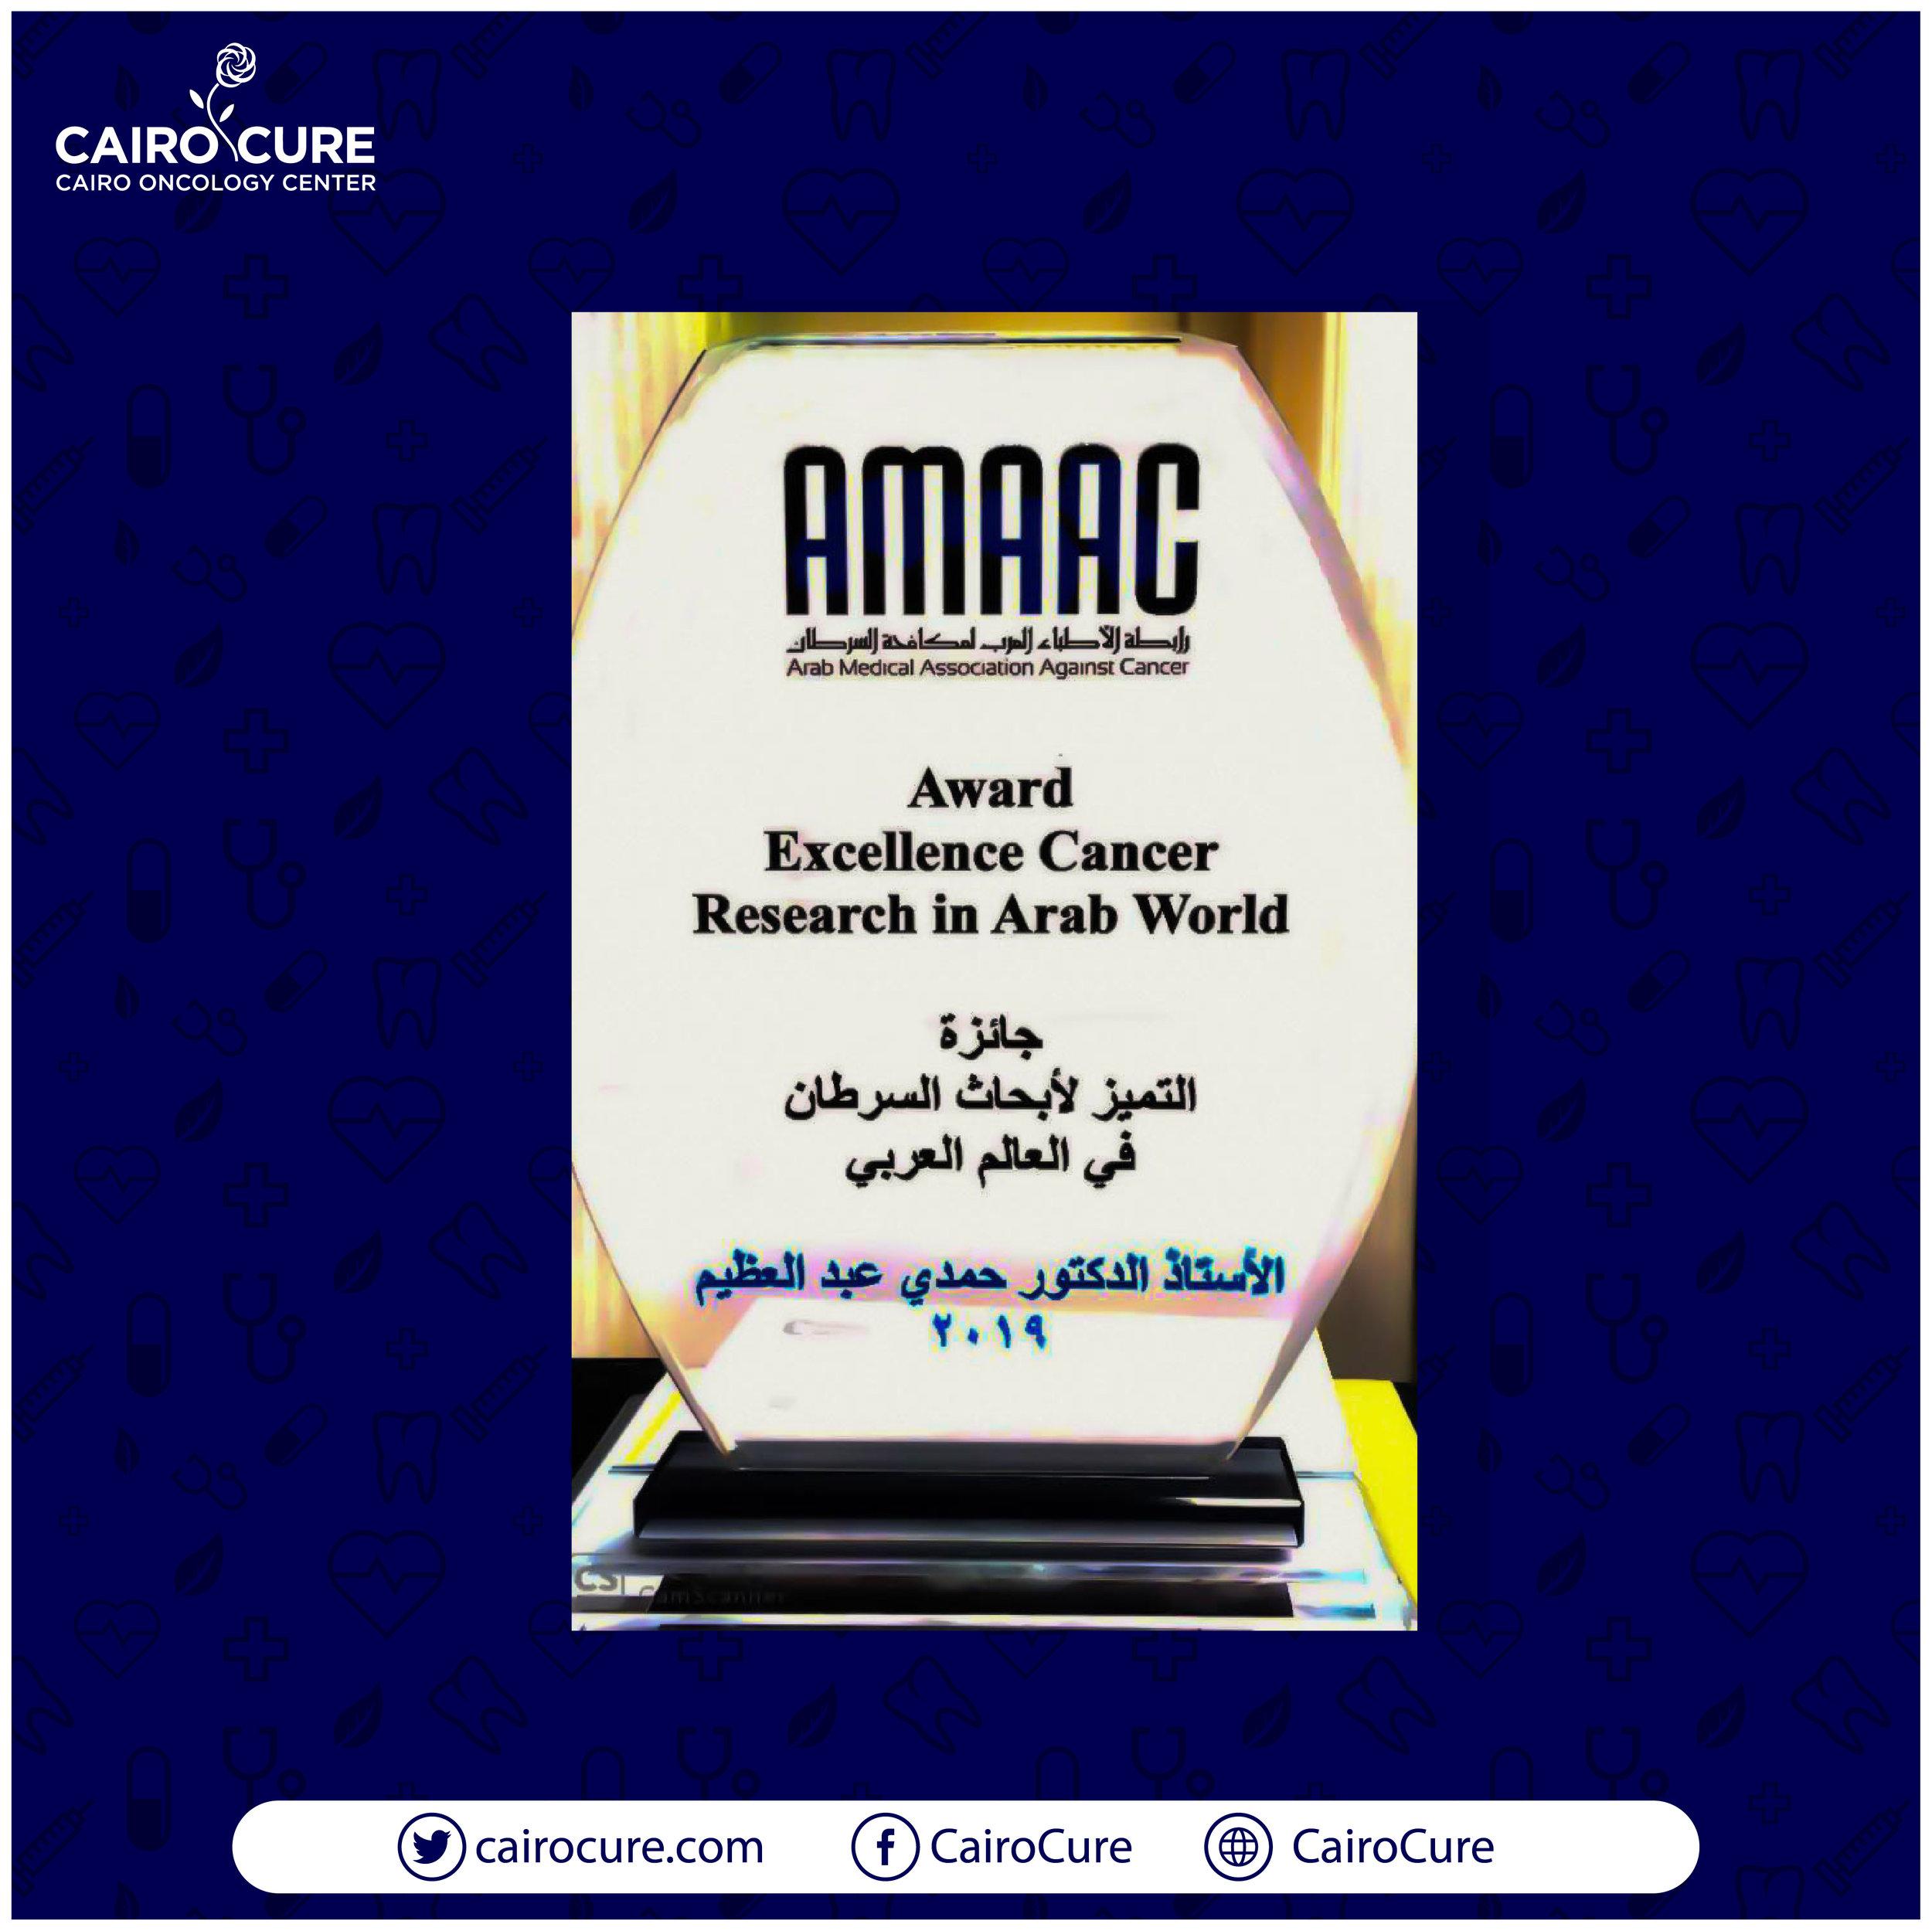 excellence cancer award